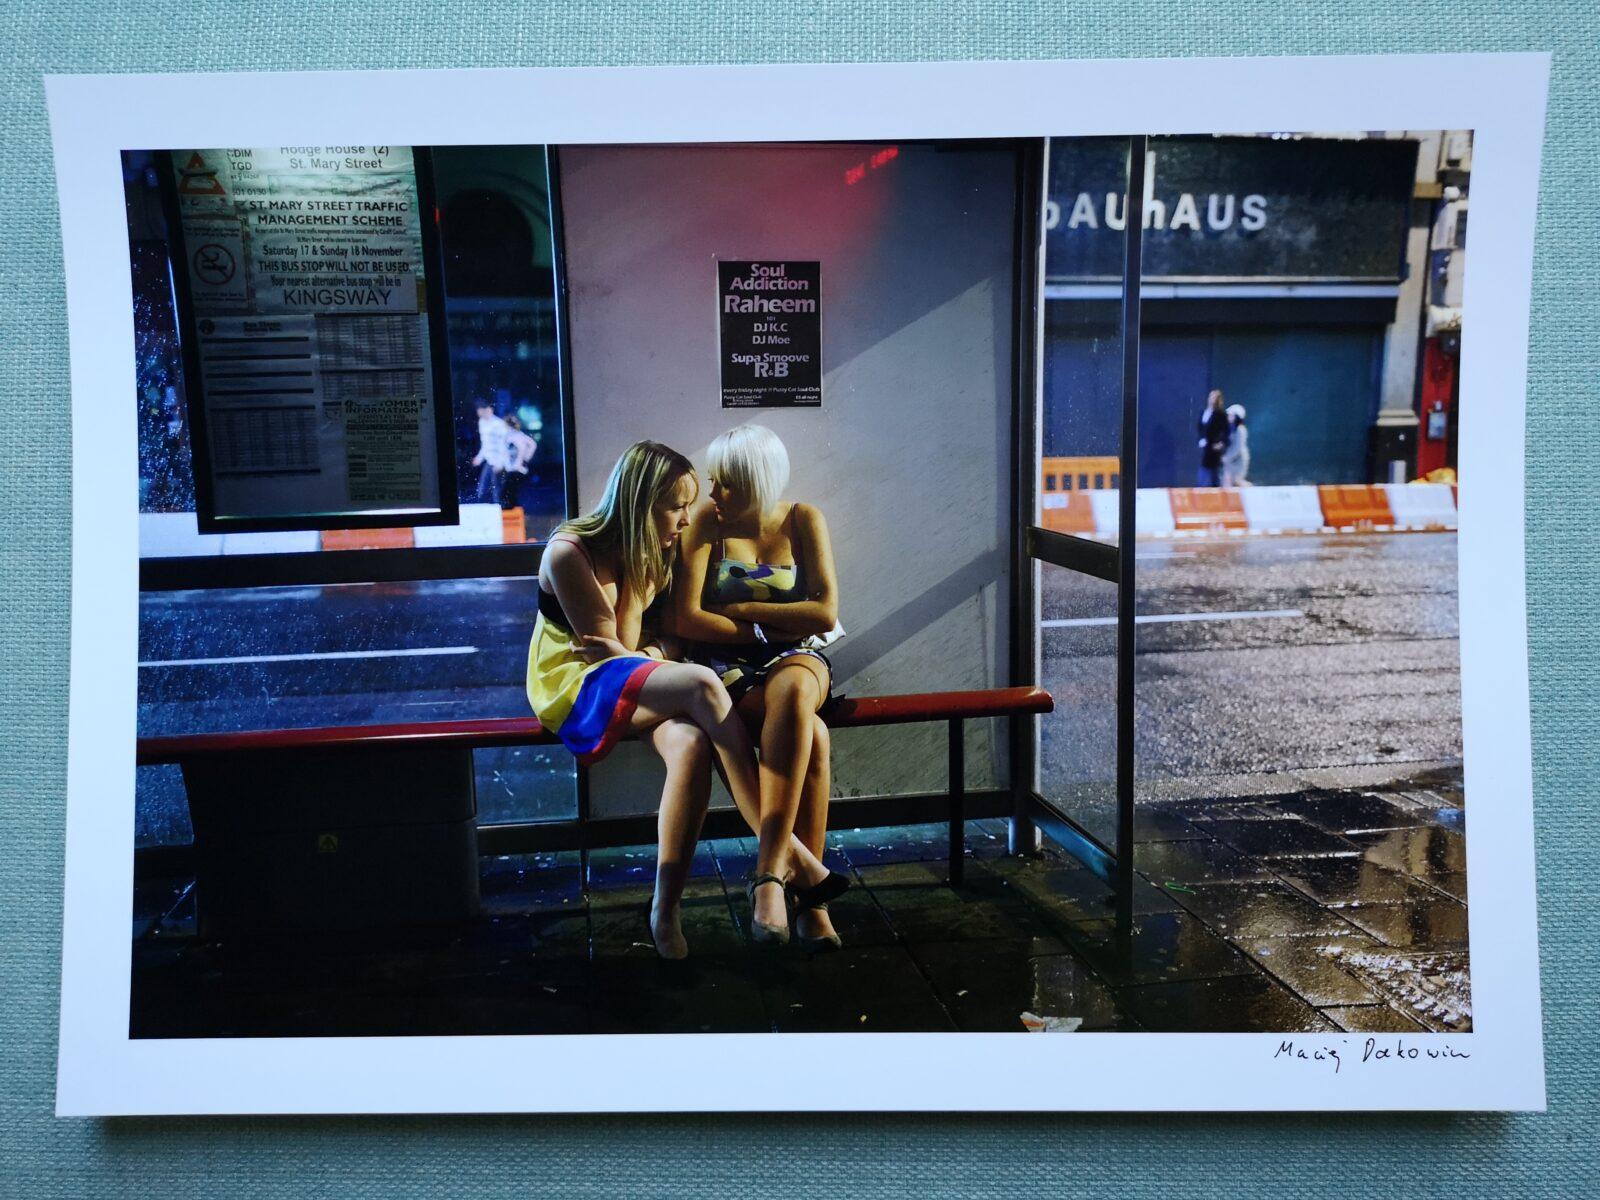 maciej_dakowicz_print_art_sale_cardiff_after_dark_bus_stop_epson_photo_01-1600x1200.jpg